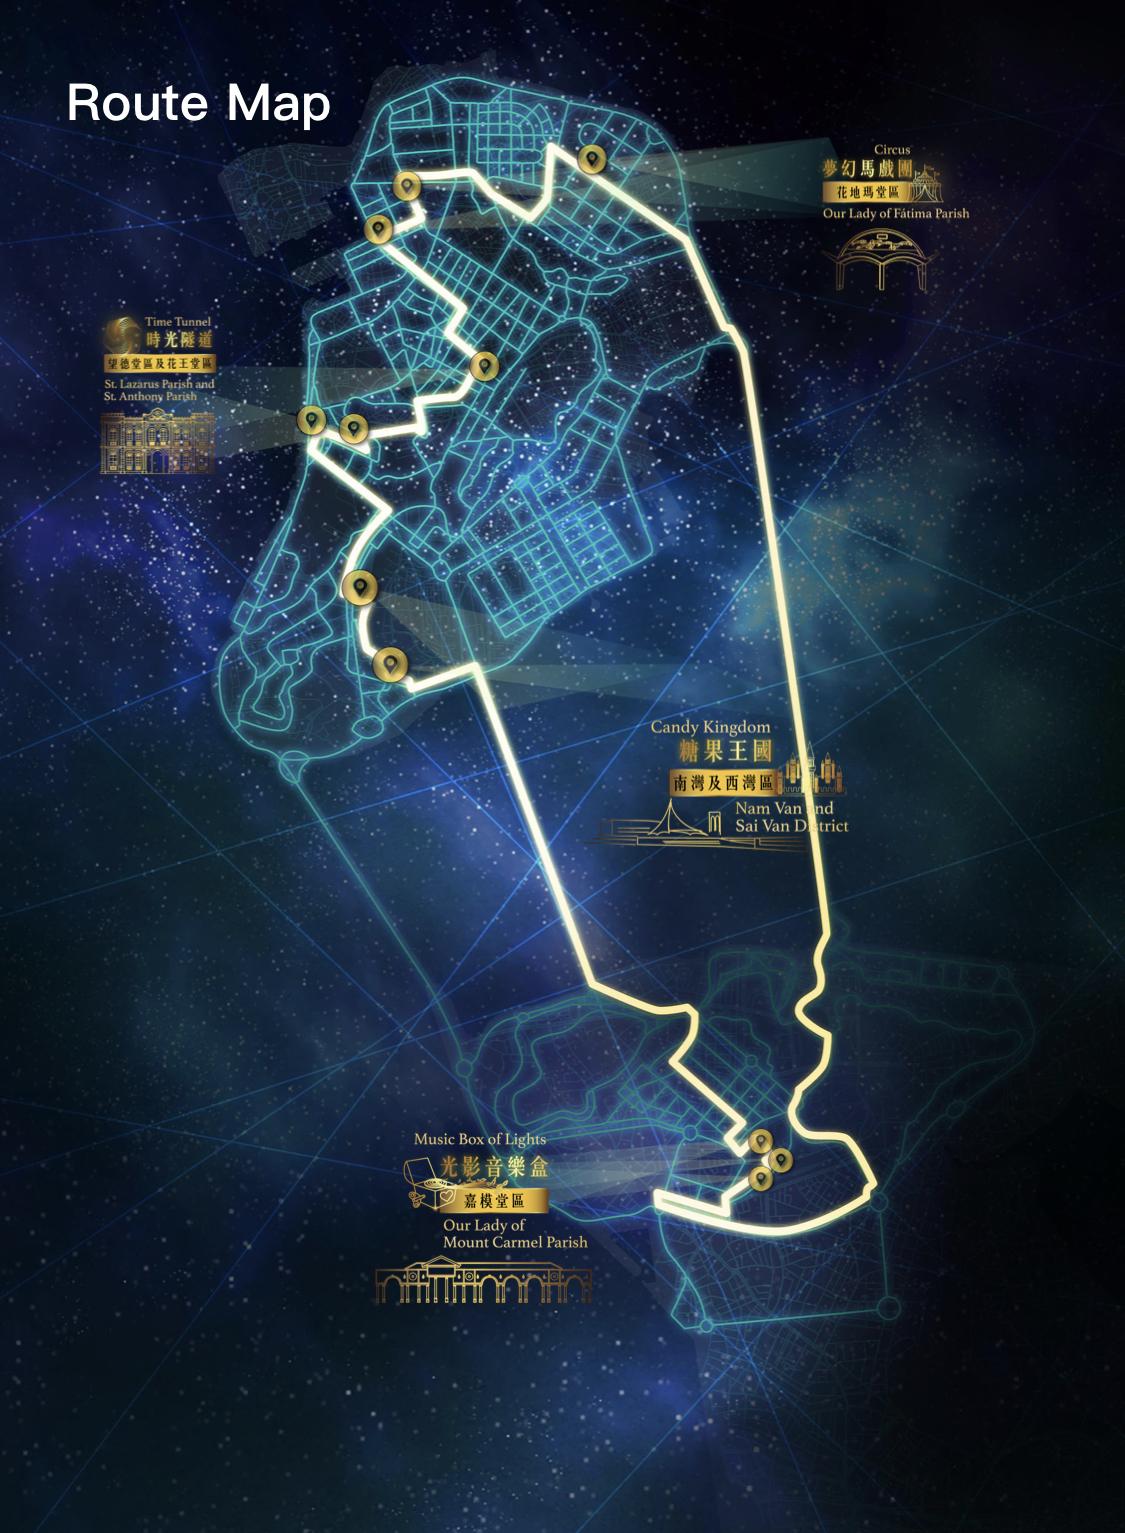 线路图 | Route Map